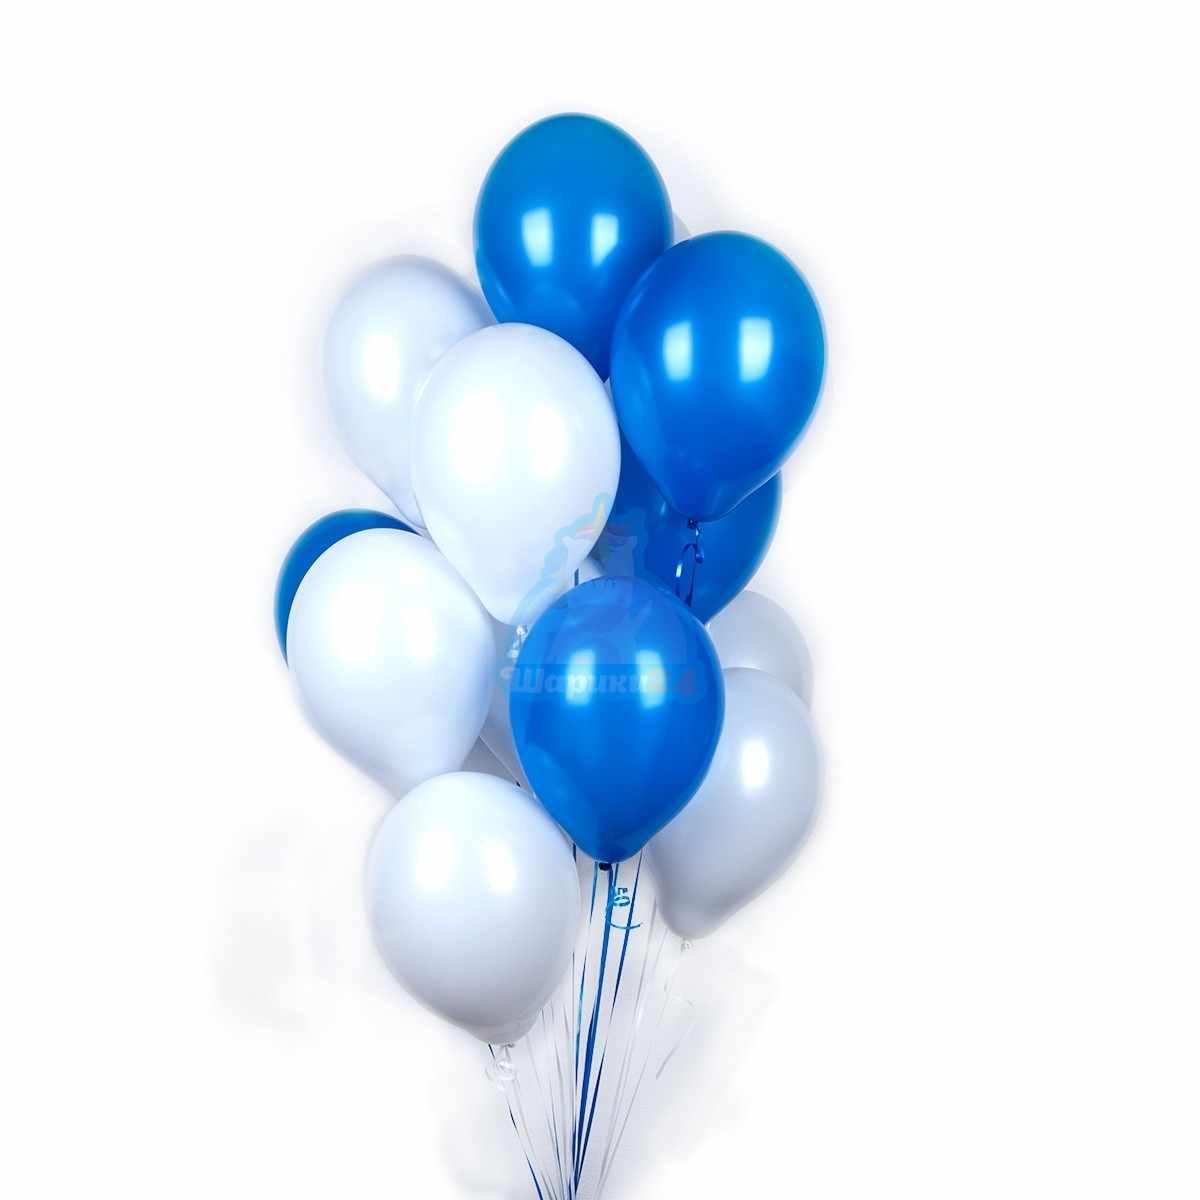 Бело-синие шарики с гелием фото в интернет-магазине Шарики 24